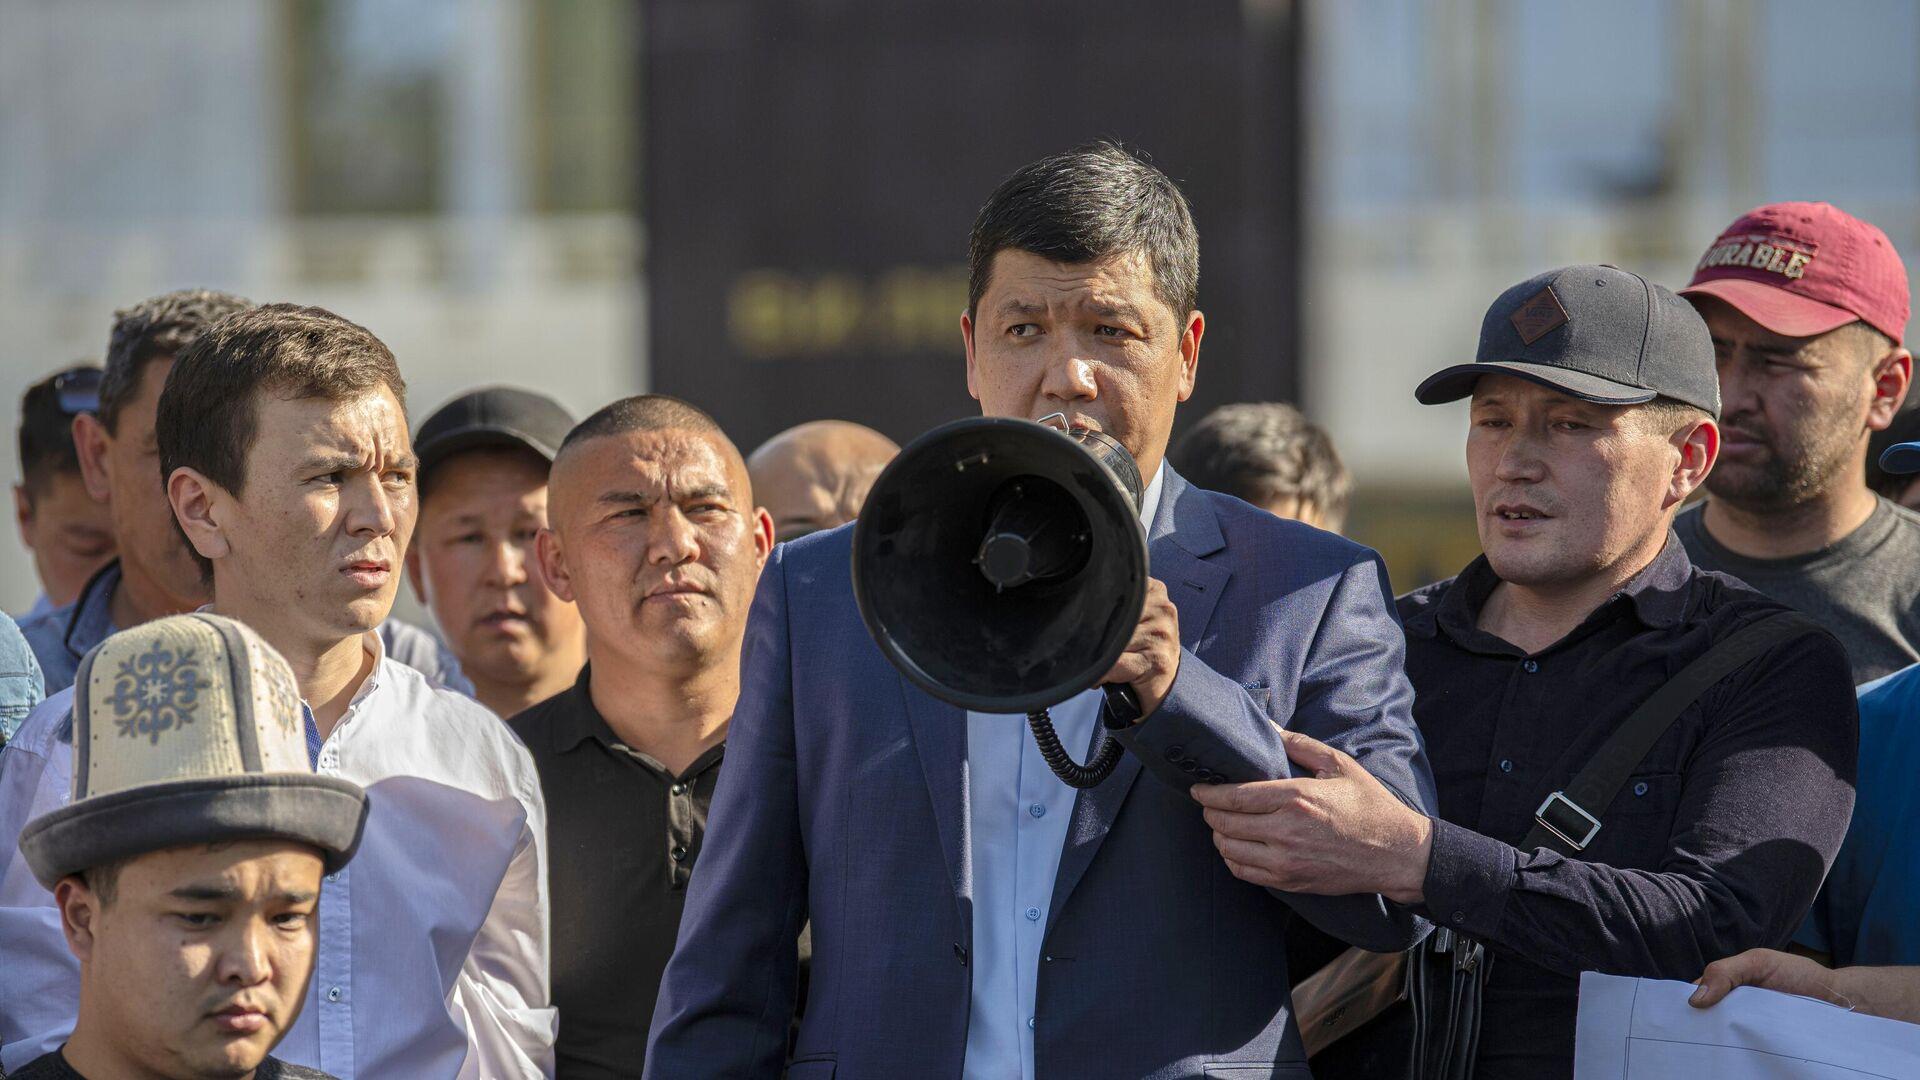 Protestas por la situación en la frontera de Kirguistán con Tayikistán - Sputnik Mundo, 1920, 30.04.2021